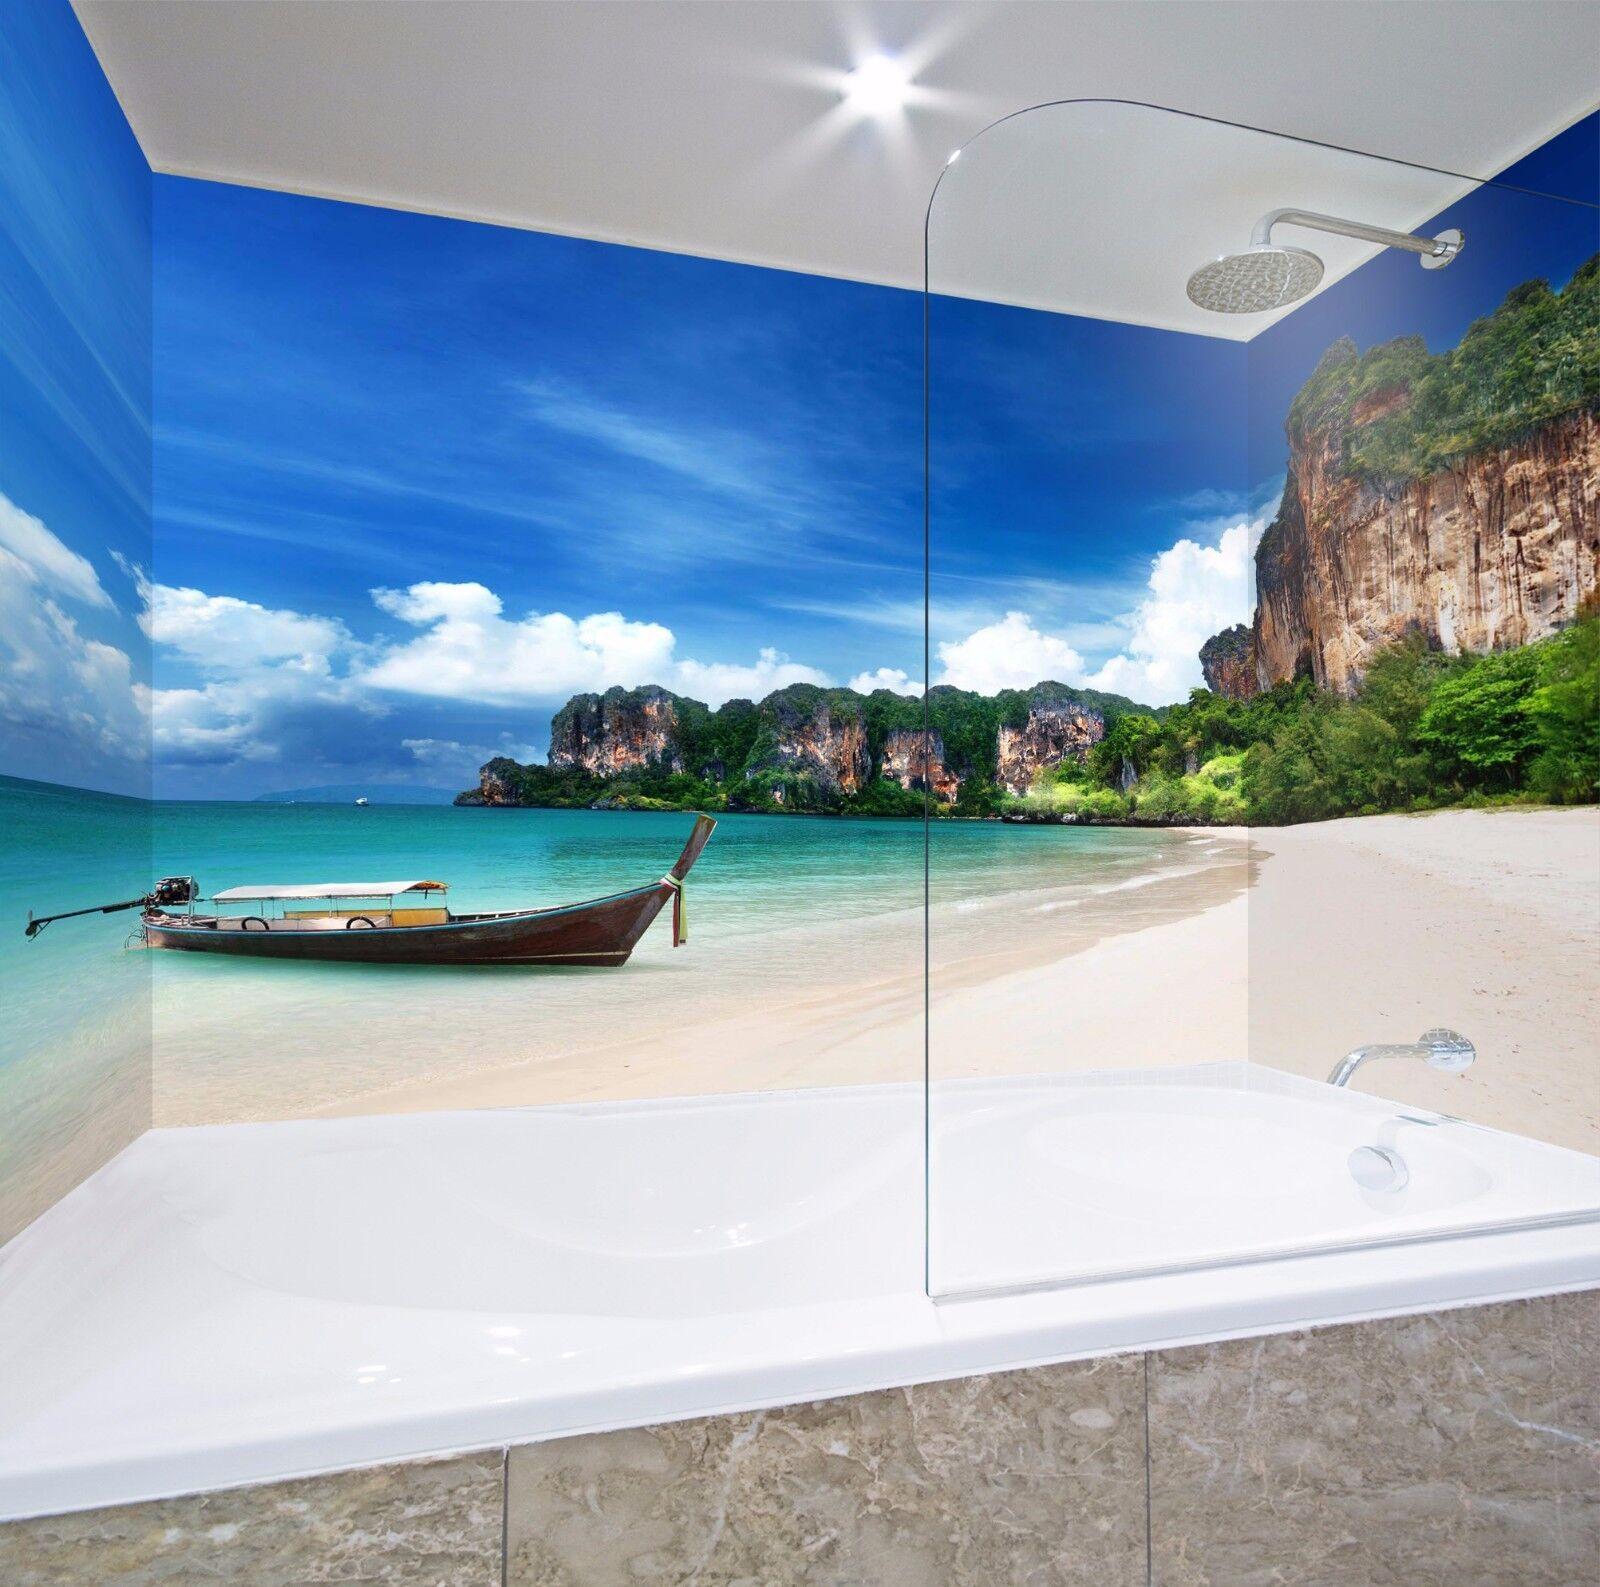 3D Sea Boat 62 WallPaper Bathroom Print Decal Wall Deco AJ WALLPAPER AU